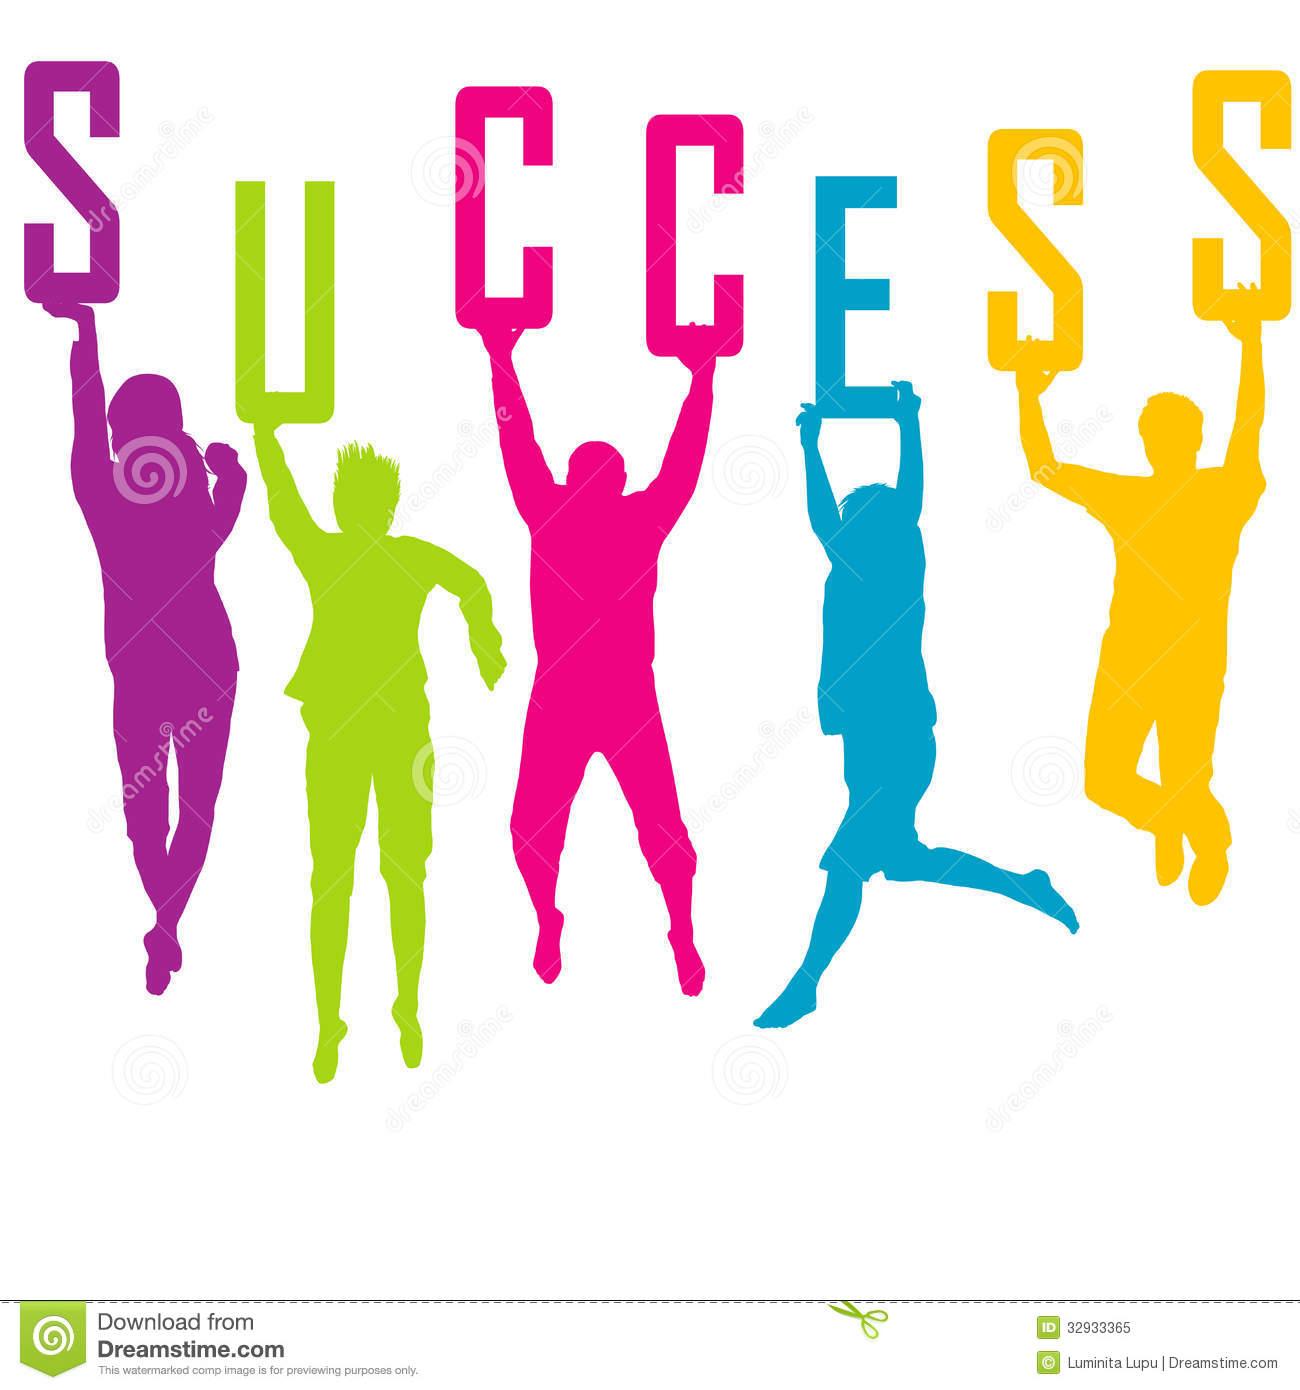 success clipart-success clipart-3